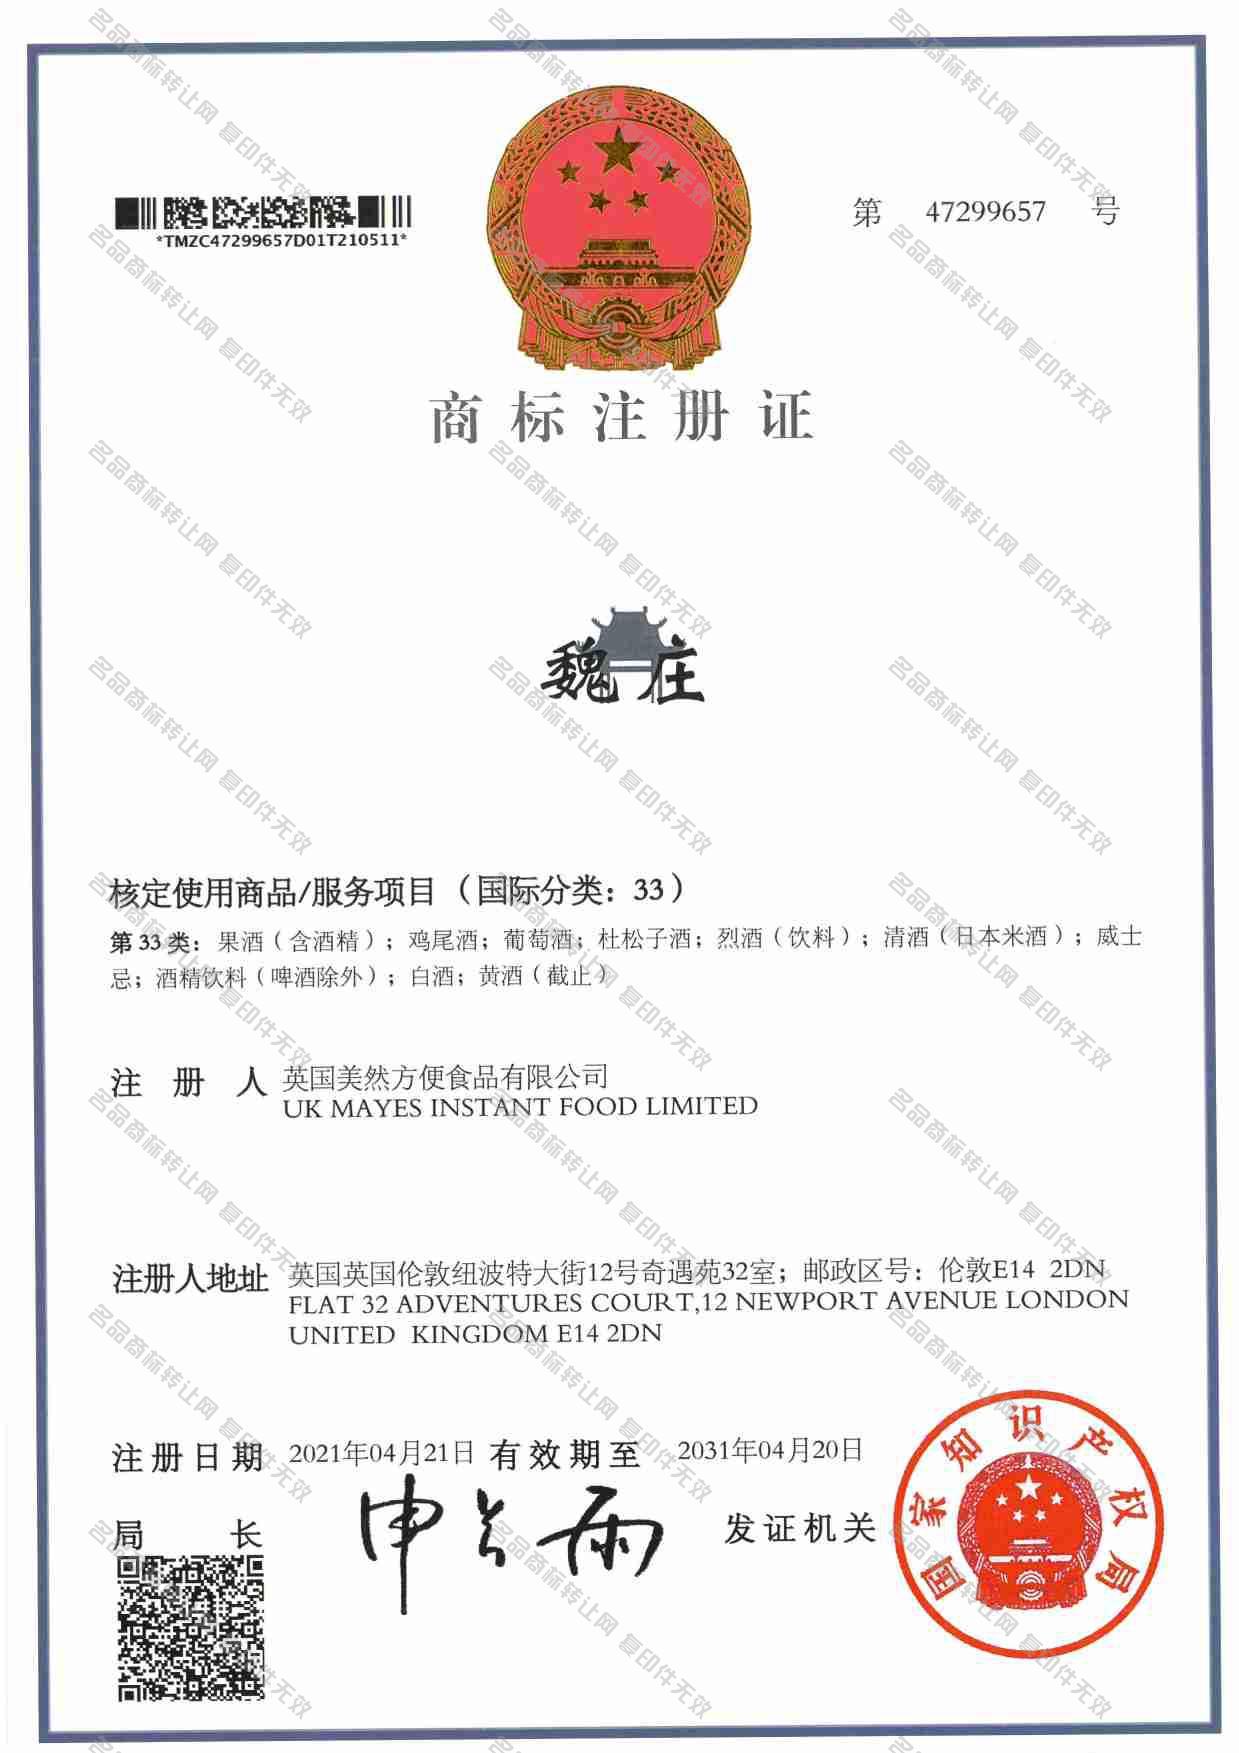 魏庄注册证